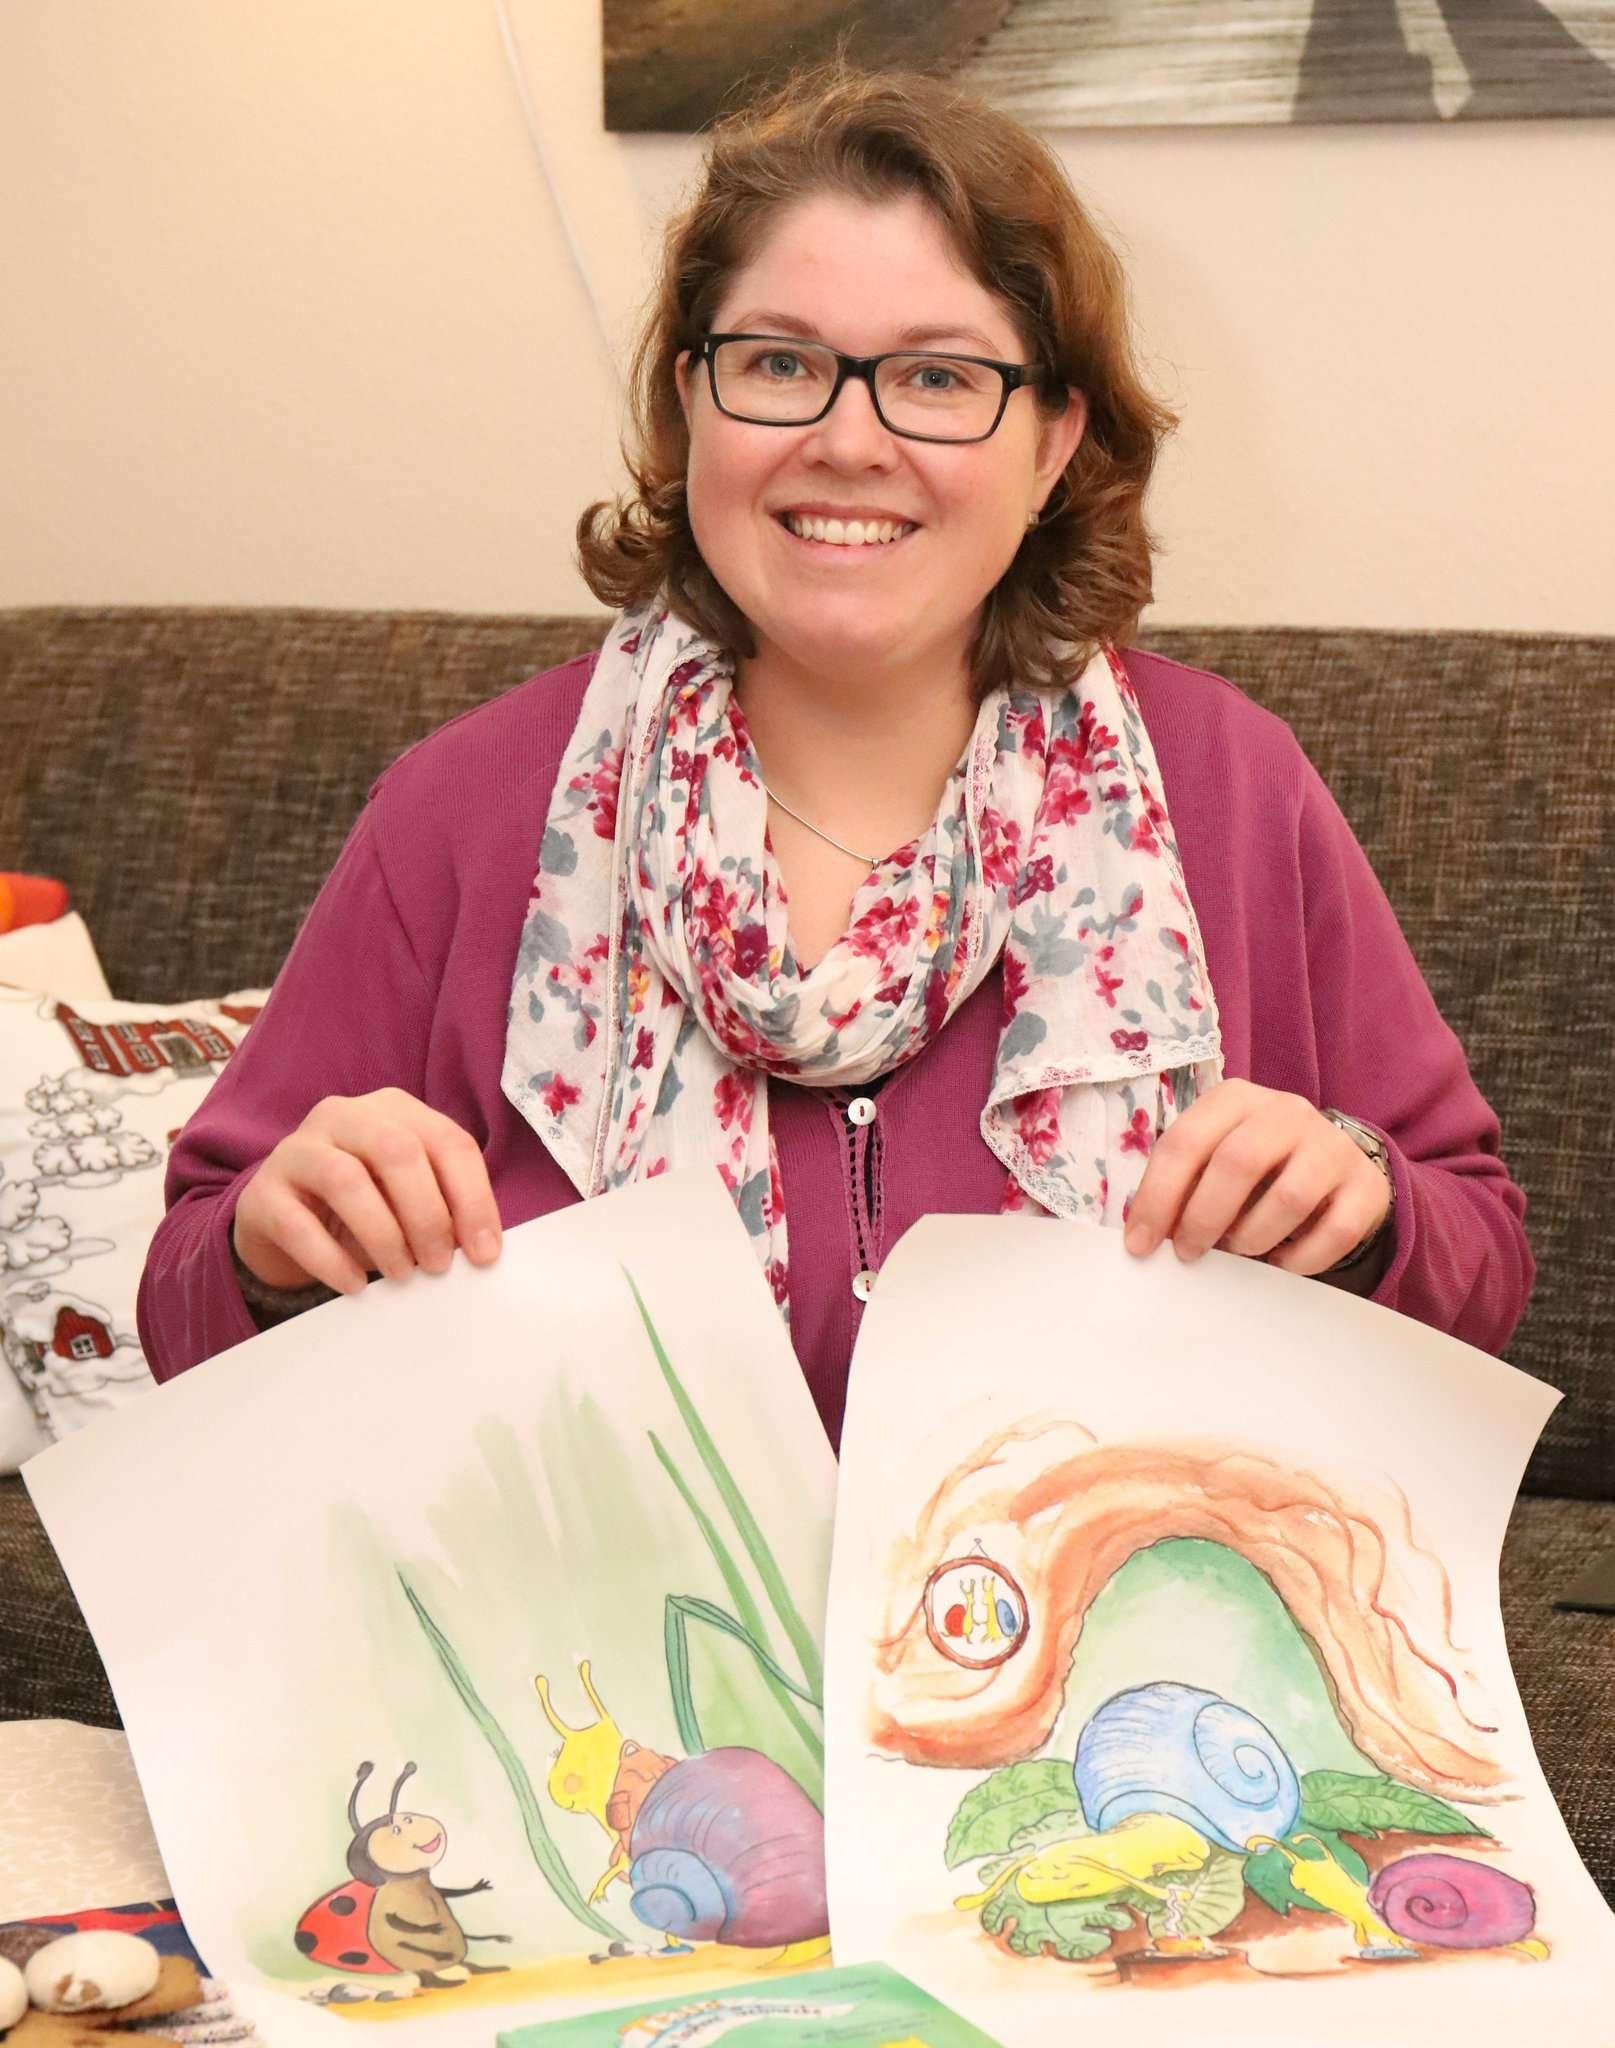 Nina Pfeiffer widmet sich in ihrem Kinderbuch einem schwierigen Thema: an Depression erkrankten Eltern.